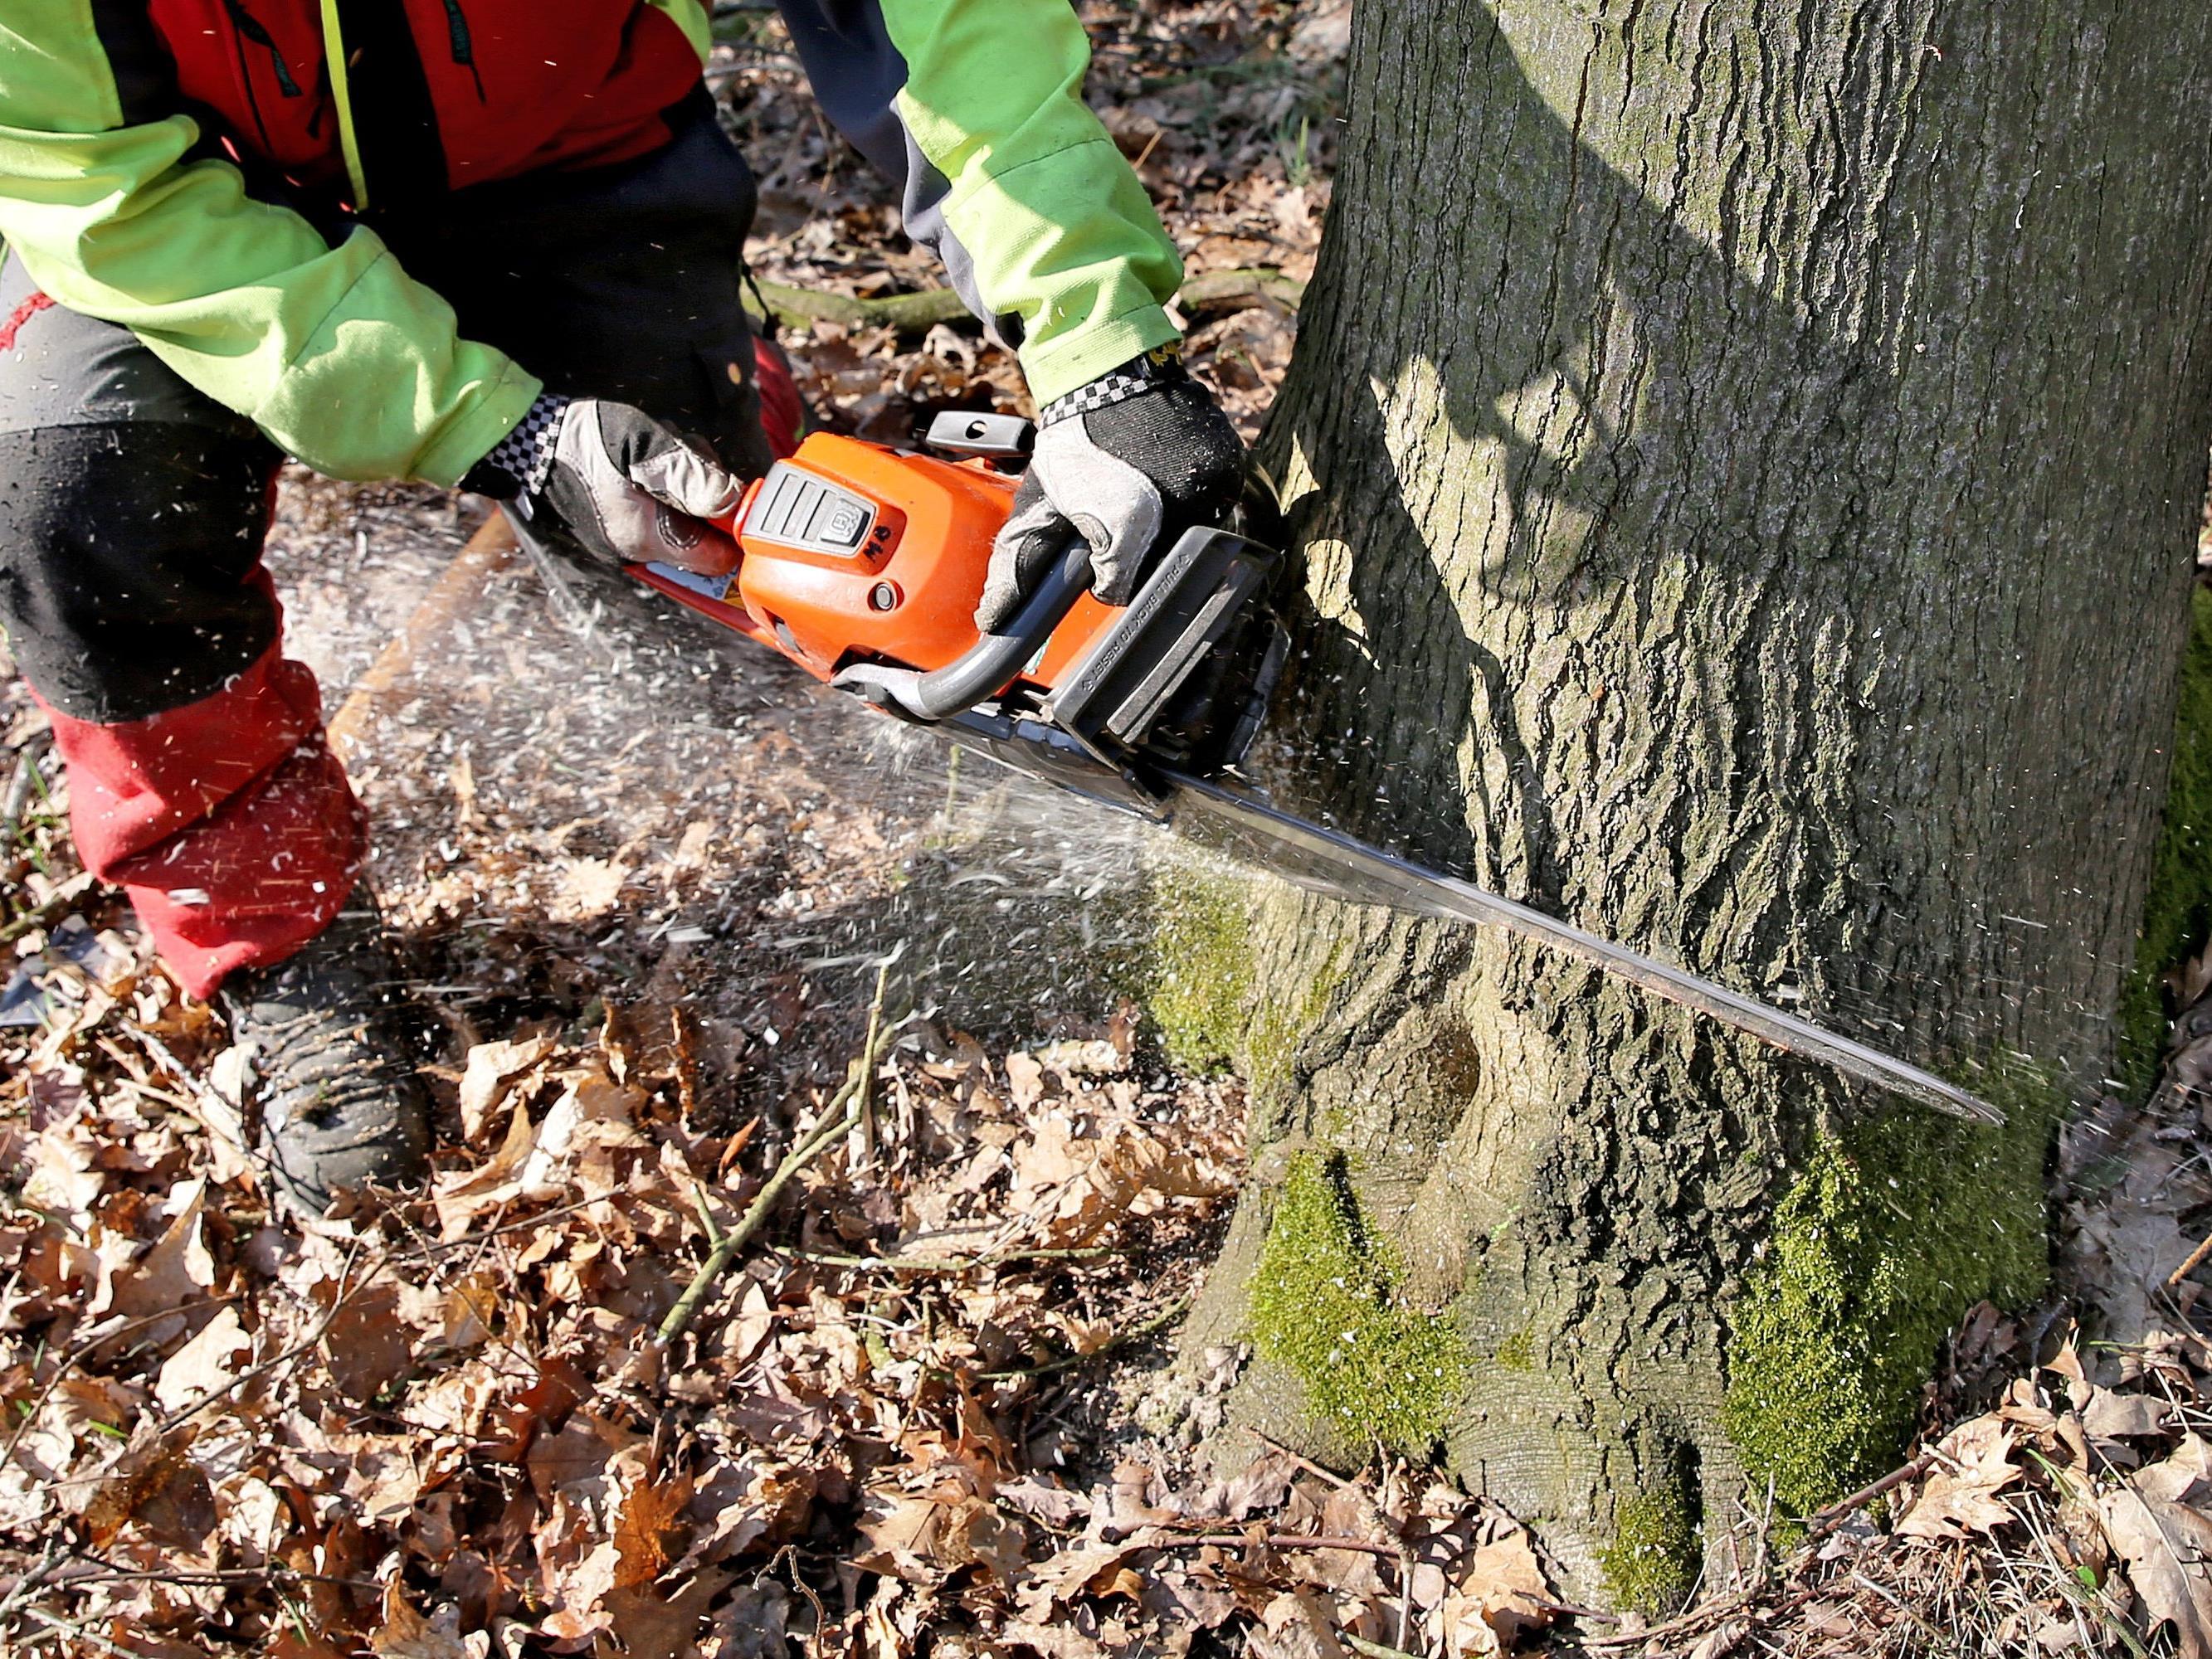 Über die Martin Holz GmbH wurde am Donnerstag am Landesgericht Feldkirch das Konkursverfahren eröffnet.